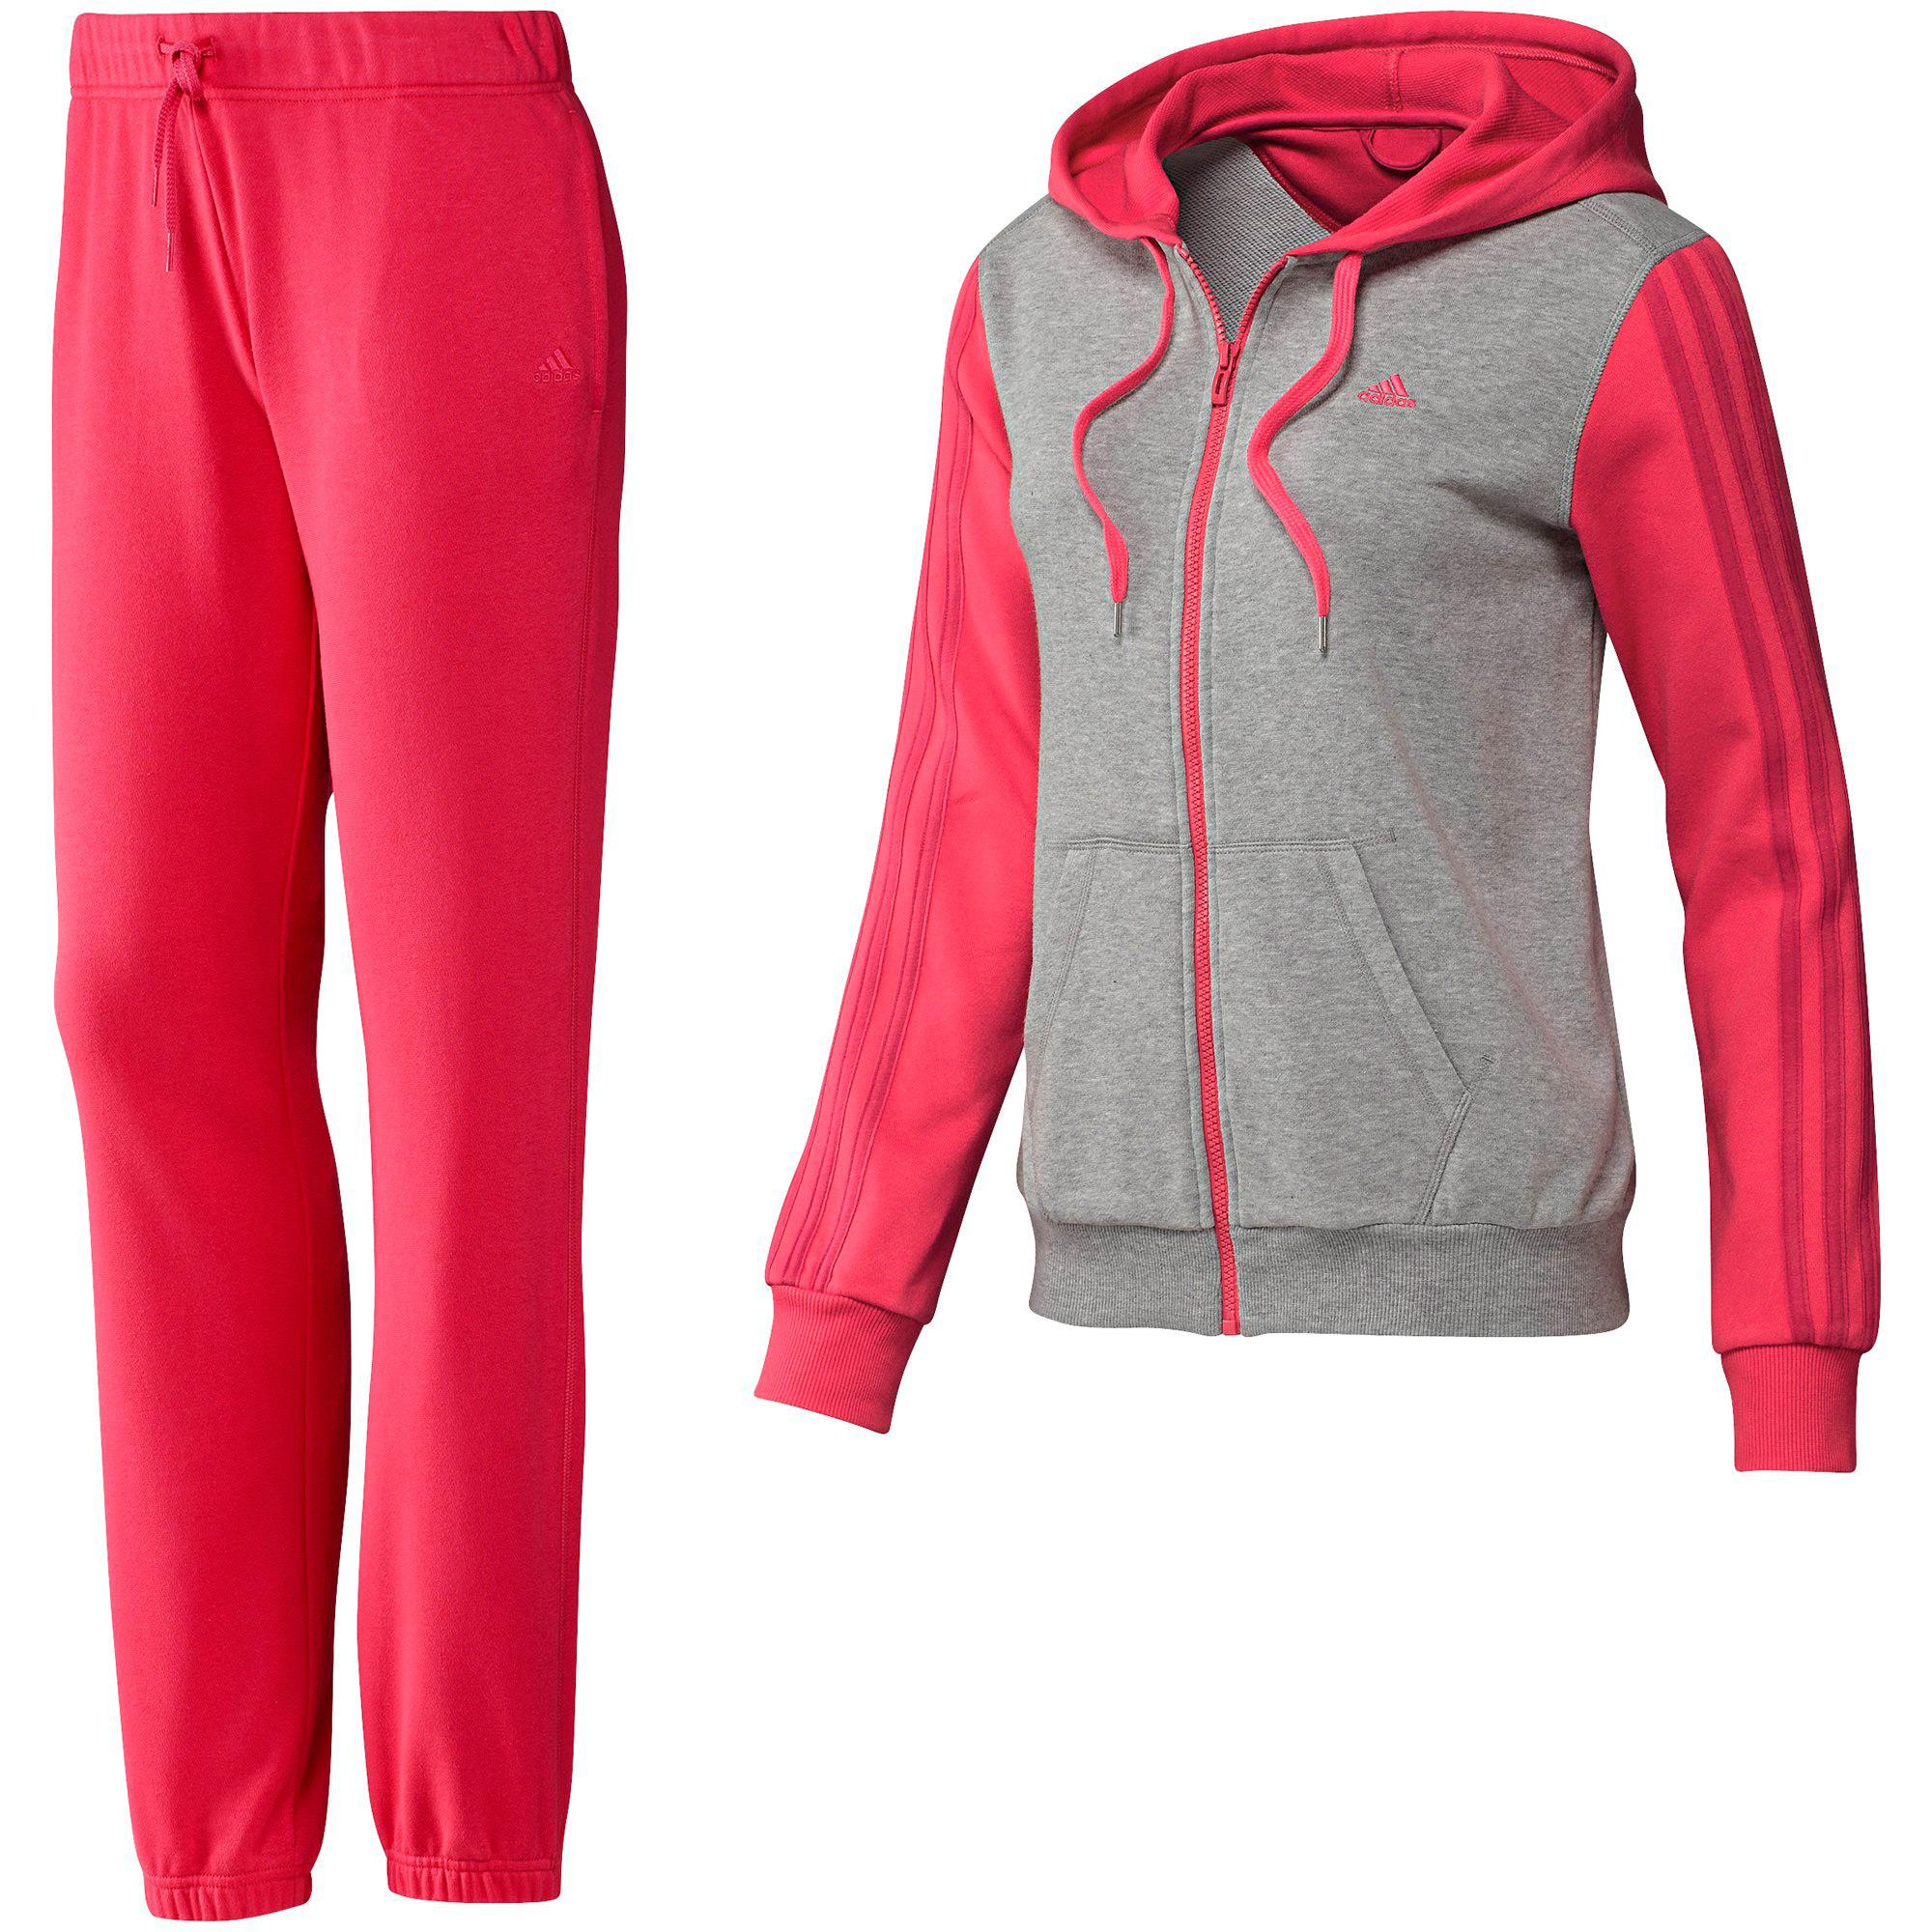 Картинка женская спортивная одежда